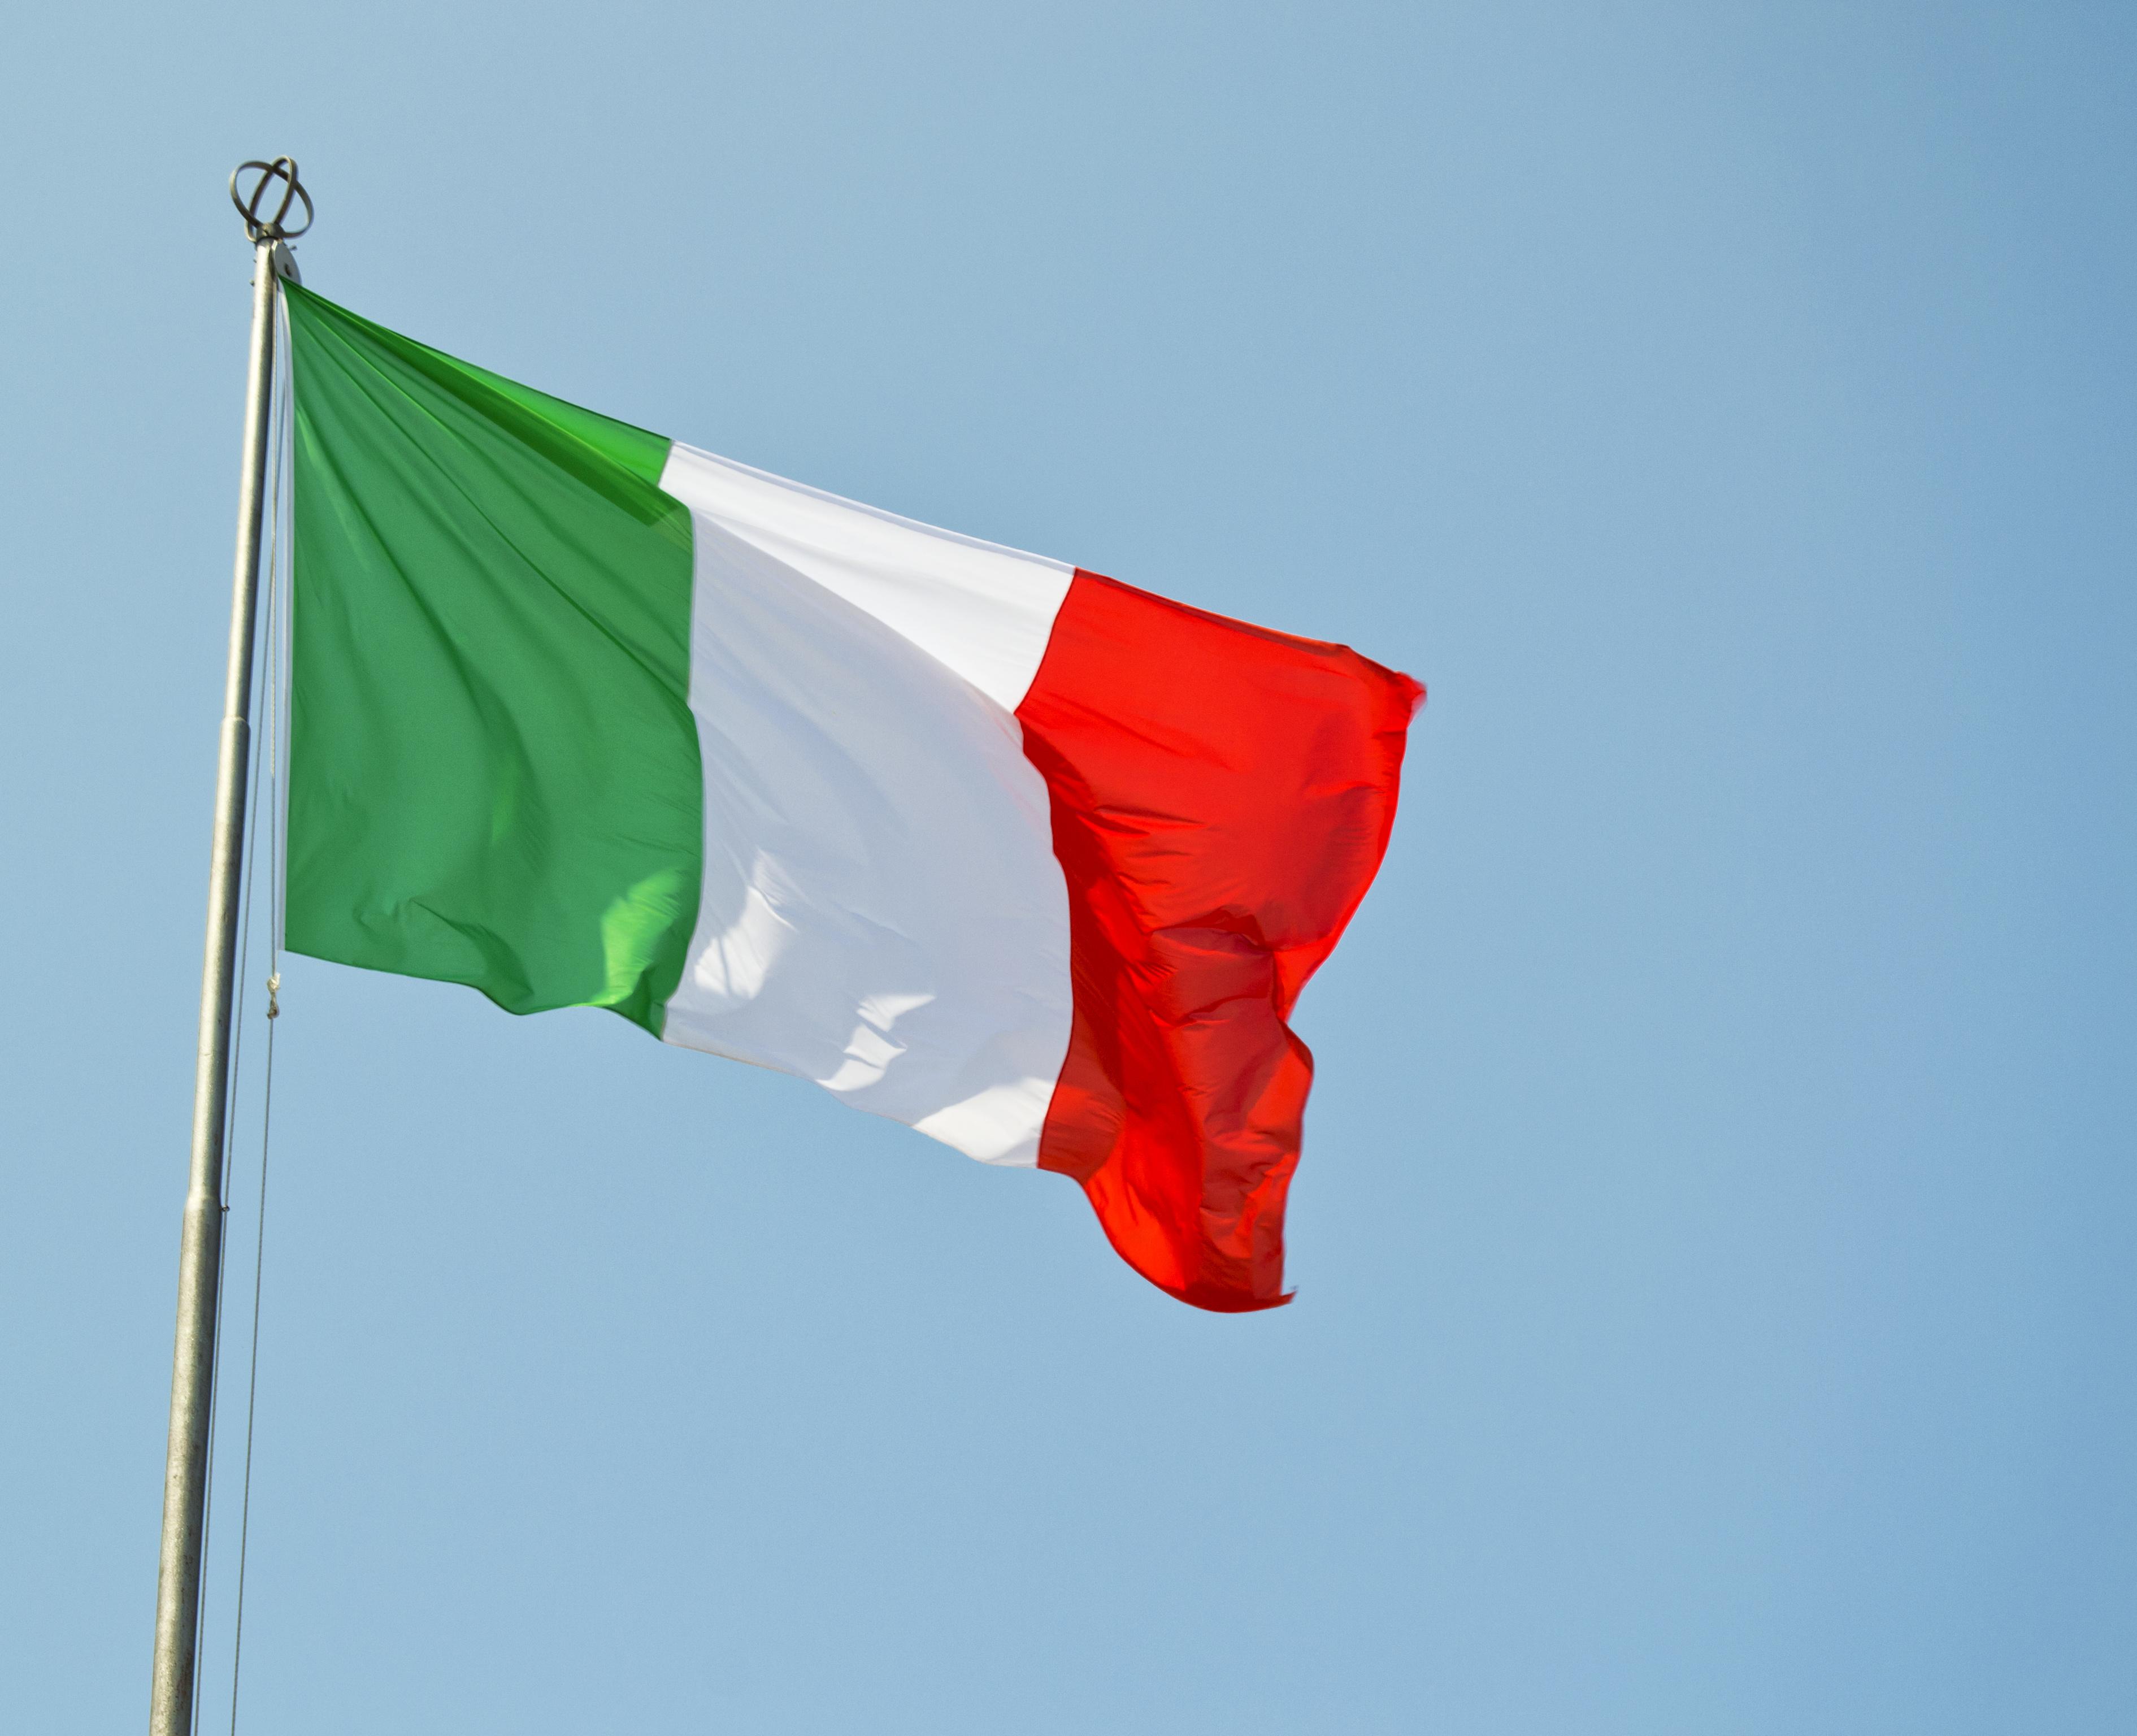 ITALIE: Nouveau salaire minimum pour les chauffeurs de camion à partir du 1er octobre 2021